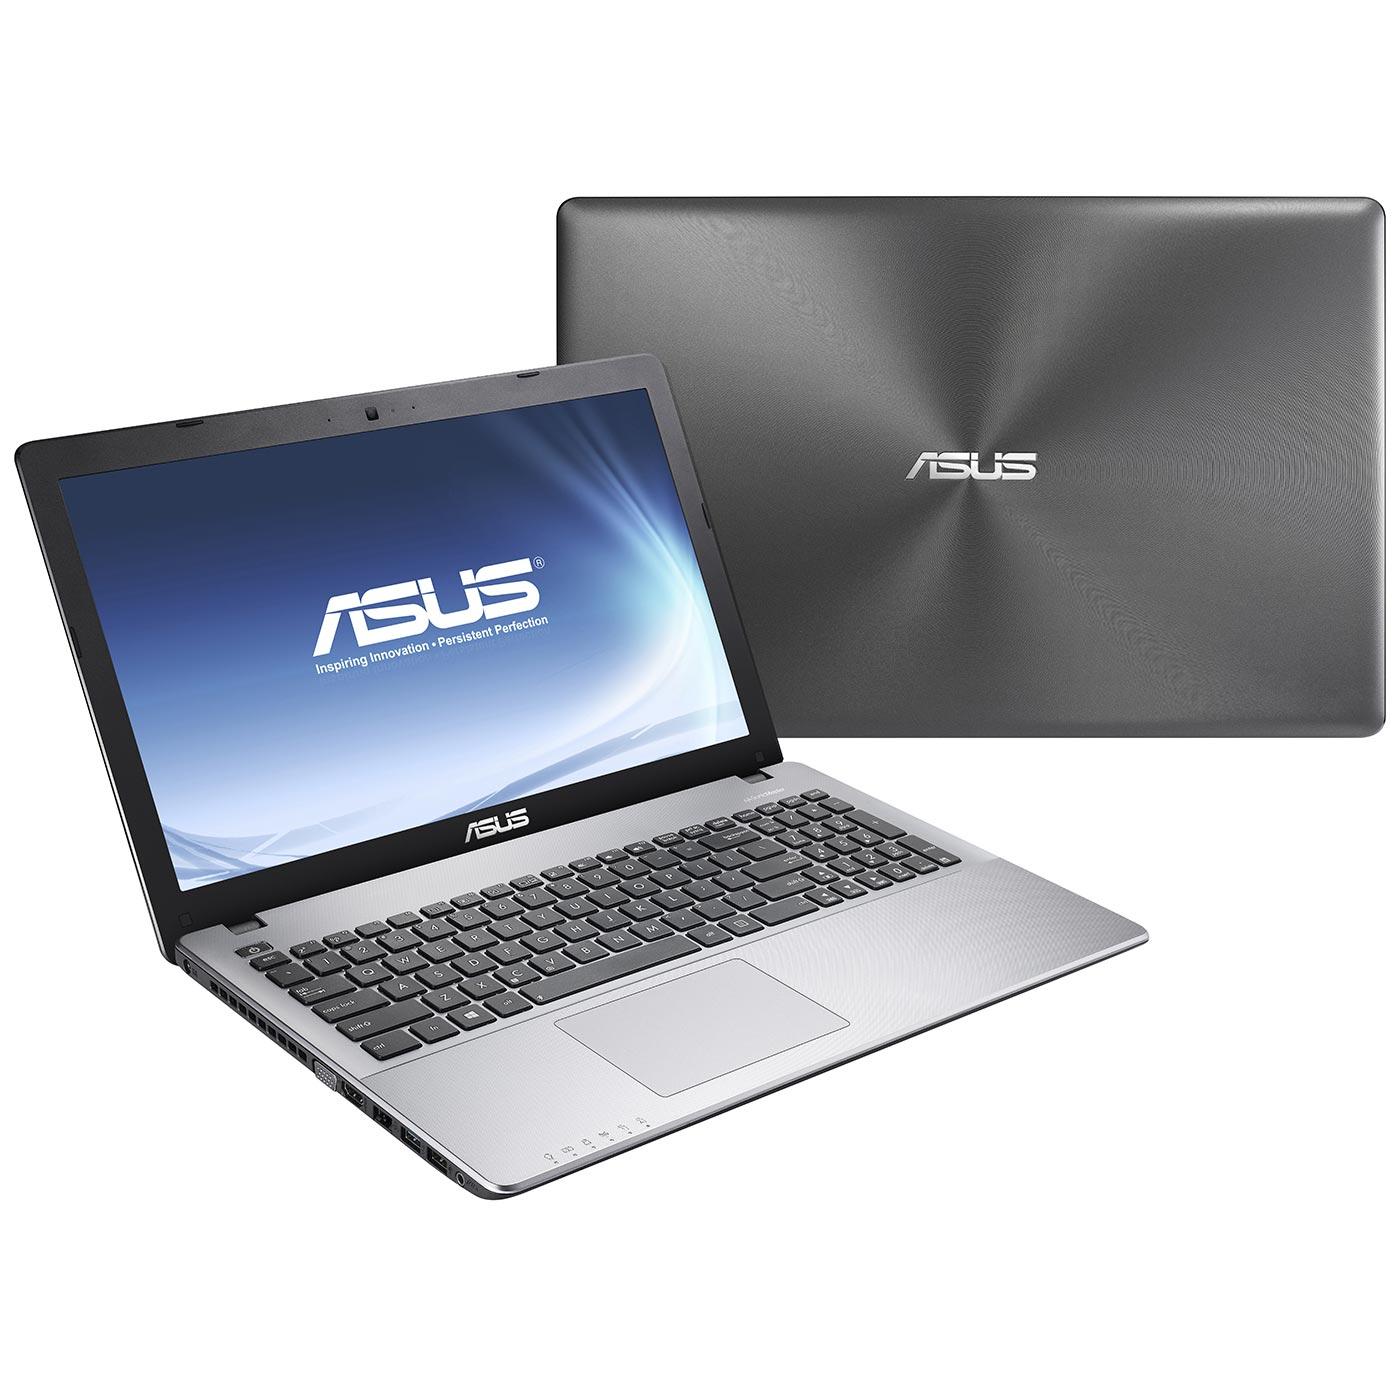 """PC portable ASUS R510JK-DM209H Intel Core i5-4200H 6 Go 750 Go 15.6"""" LED NVIDIA GeForce GTX 850M Graveur DVD Wi-Fi N/Bluetooth Webcam Windows 8.1 64 bits (garantie constructeur 1 an)"""